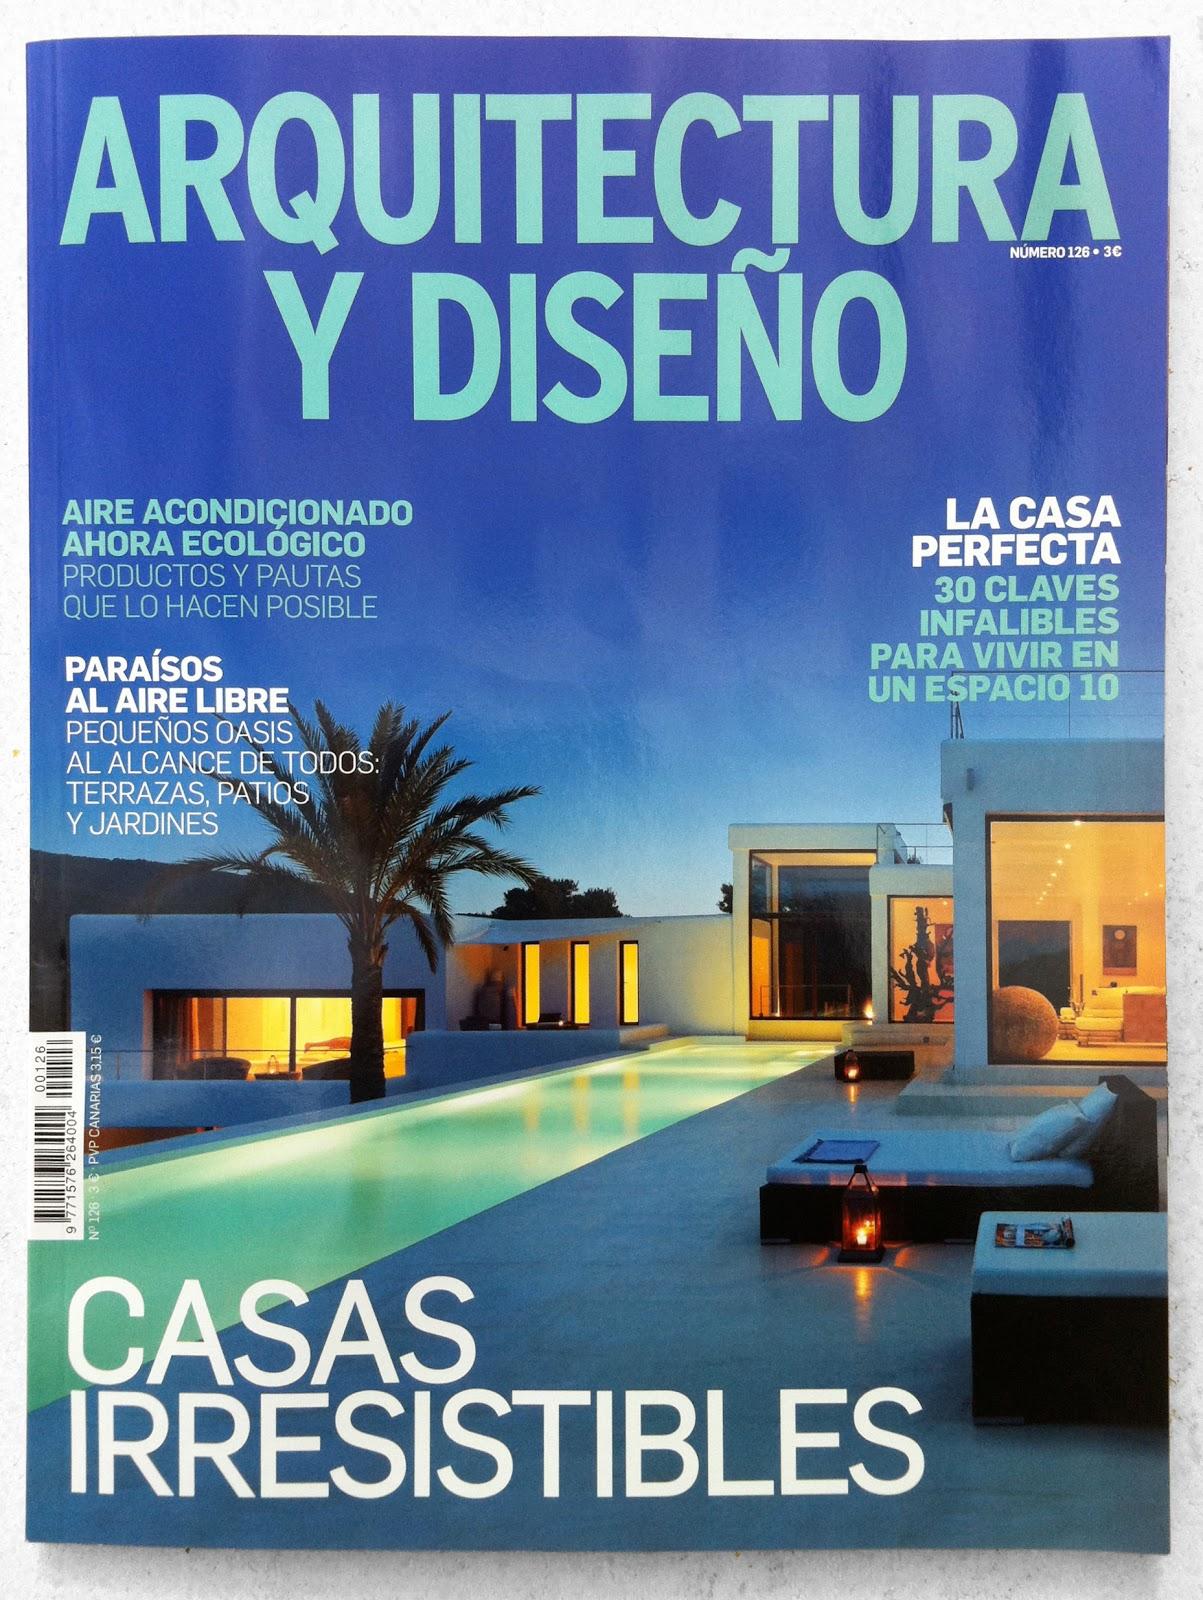 I aqui carnicero news el numero 126 de la revista arquitectura y dise o publica la casa 1 1 1 - Arquitectura y diseno ...